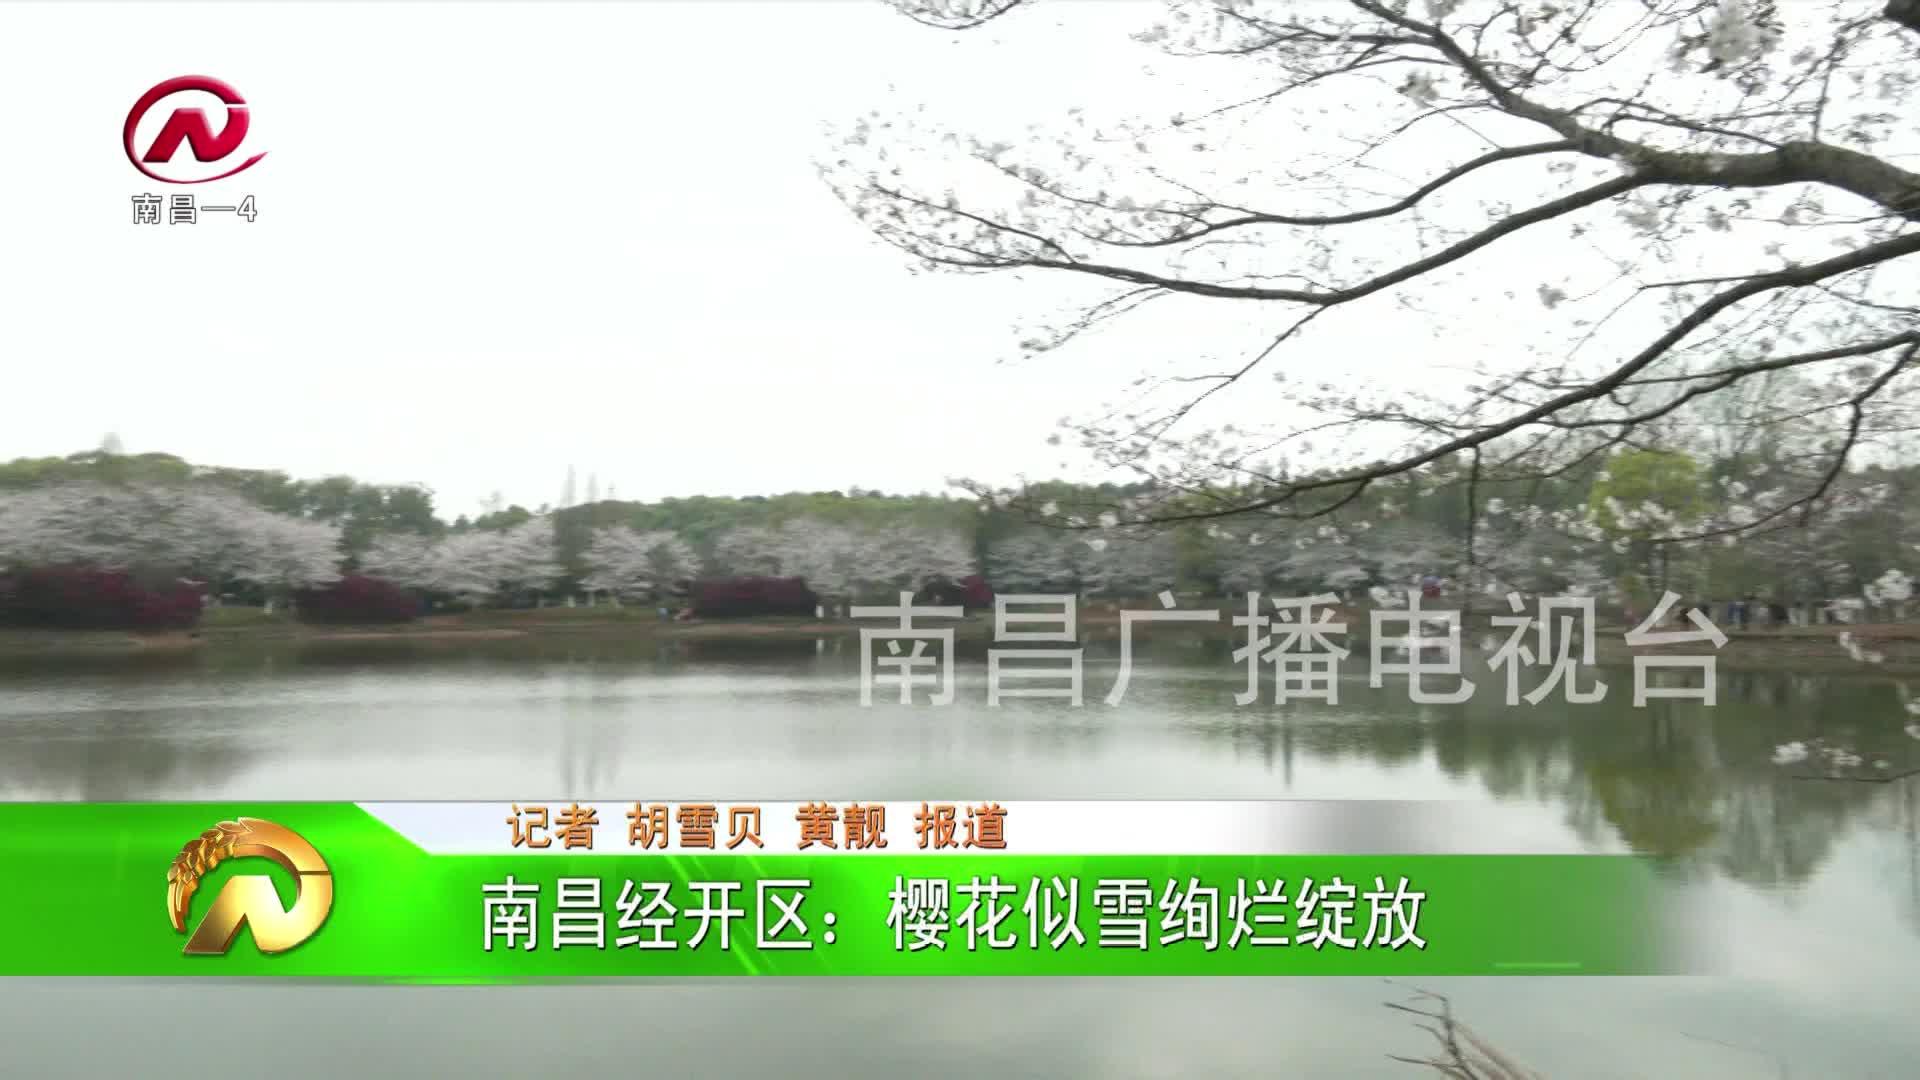 【豫章農視】經開區:櫻花似雪絢爛綻放